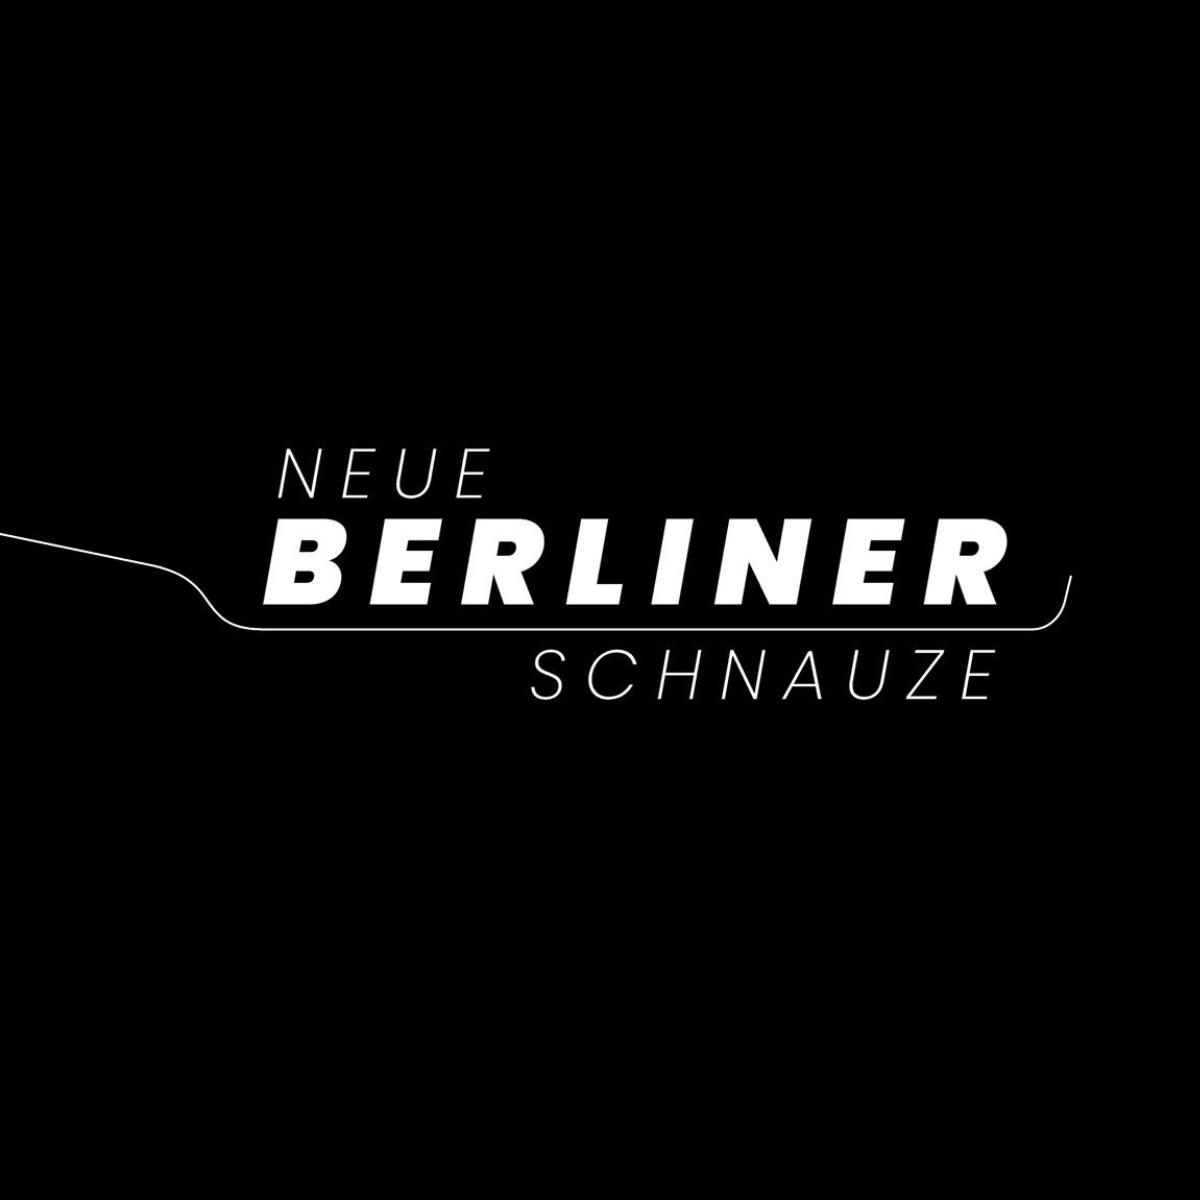 Neue Berliner Schnauze